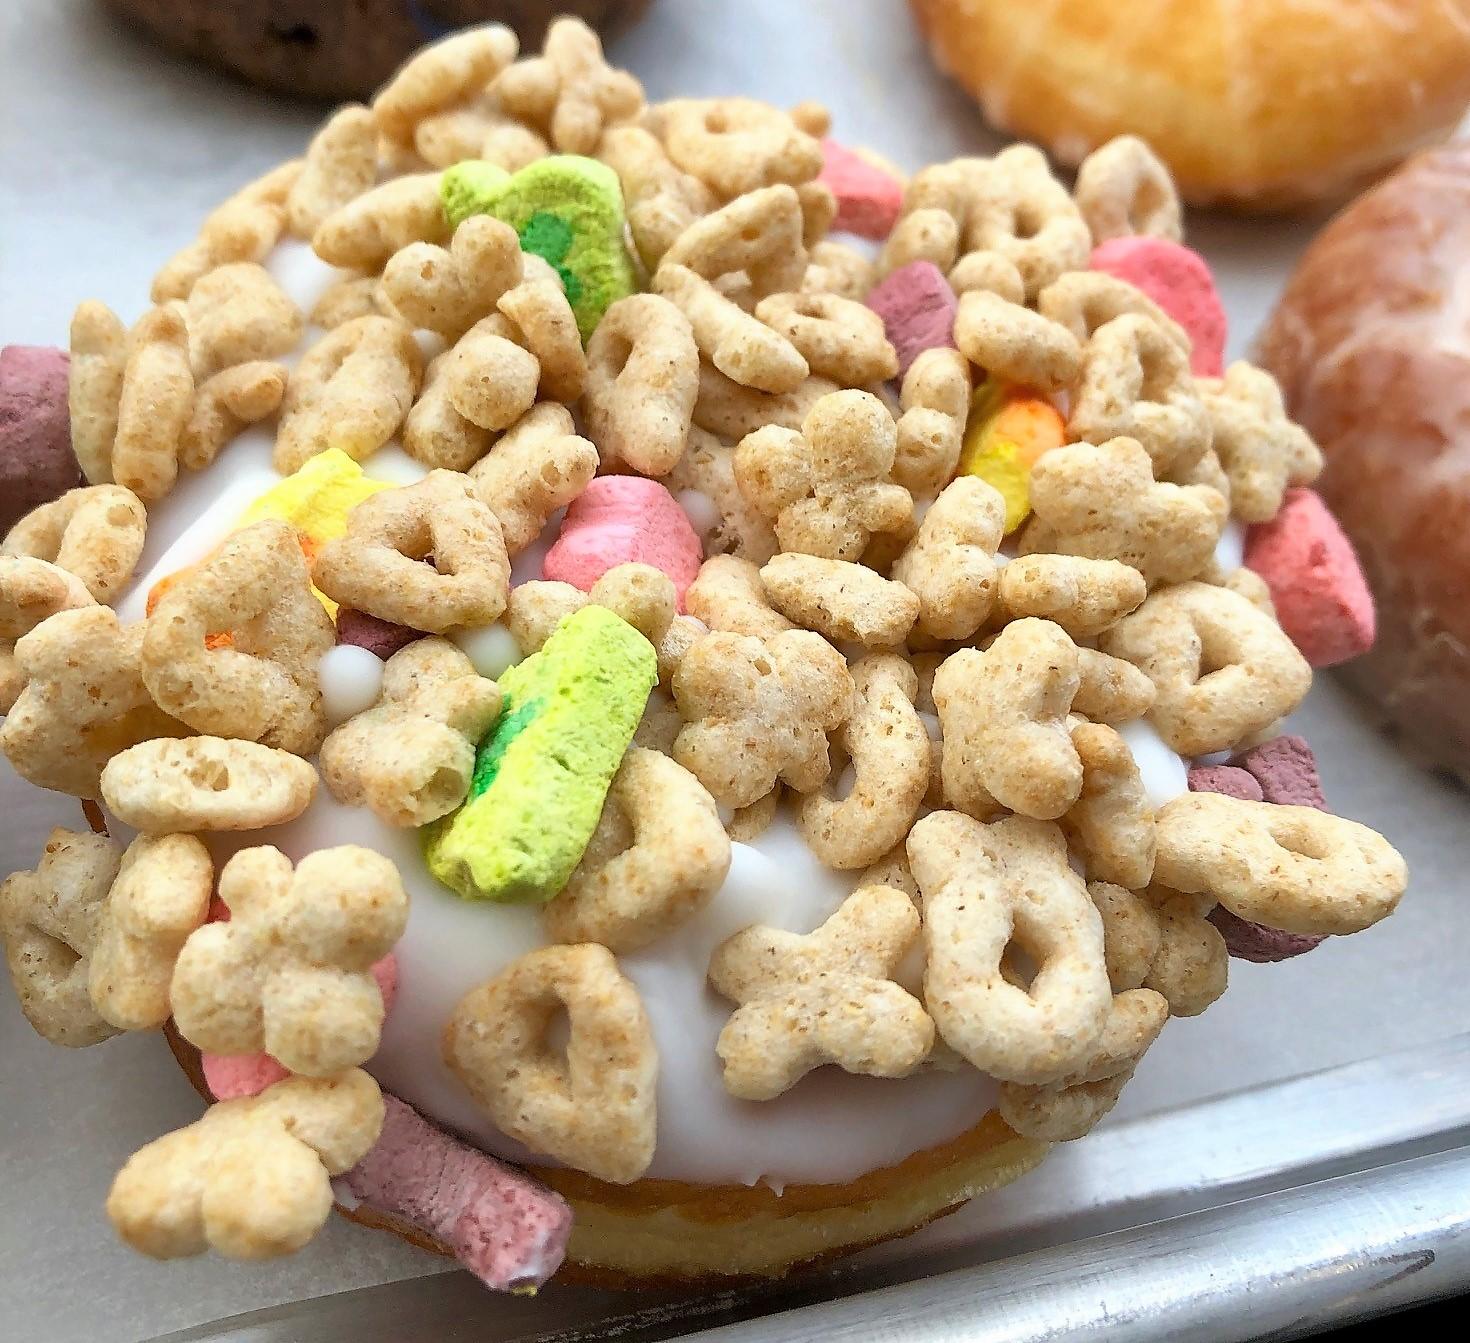 Alien donuts